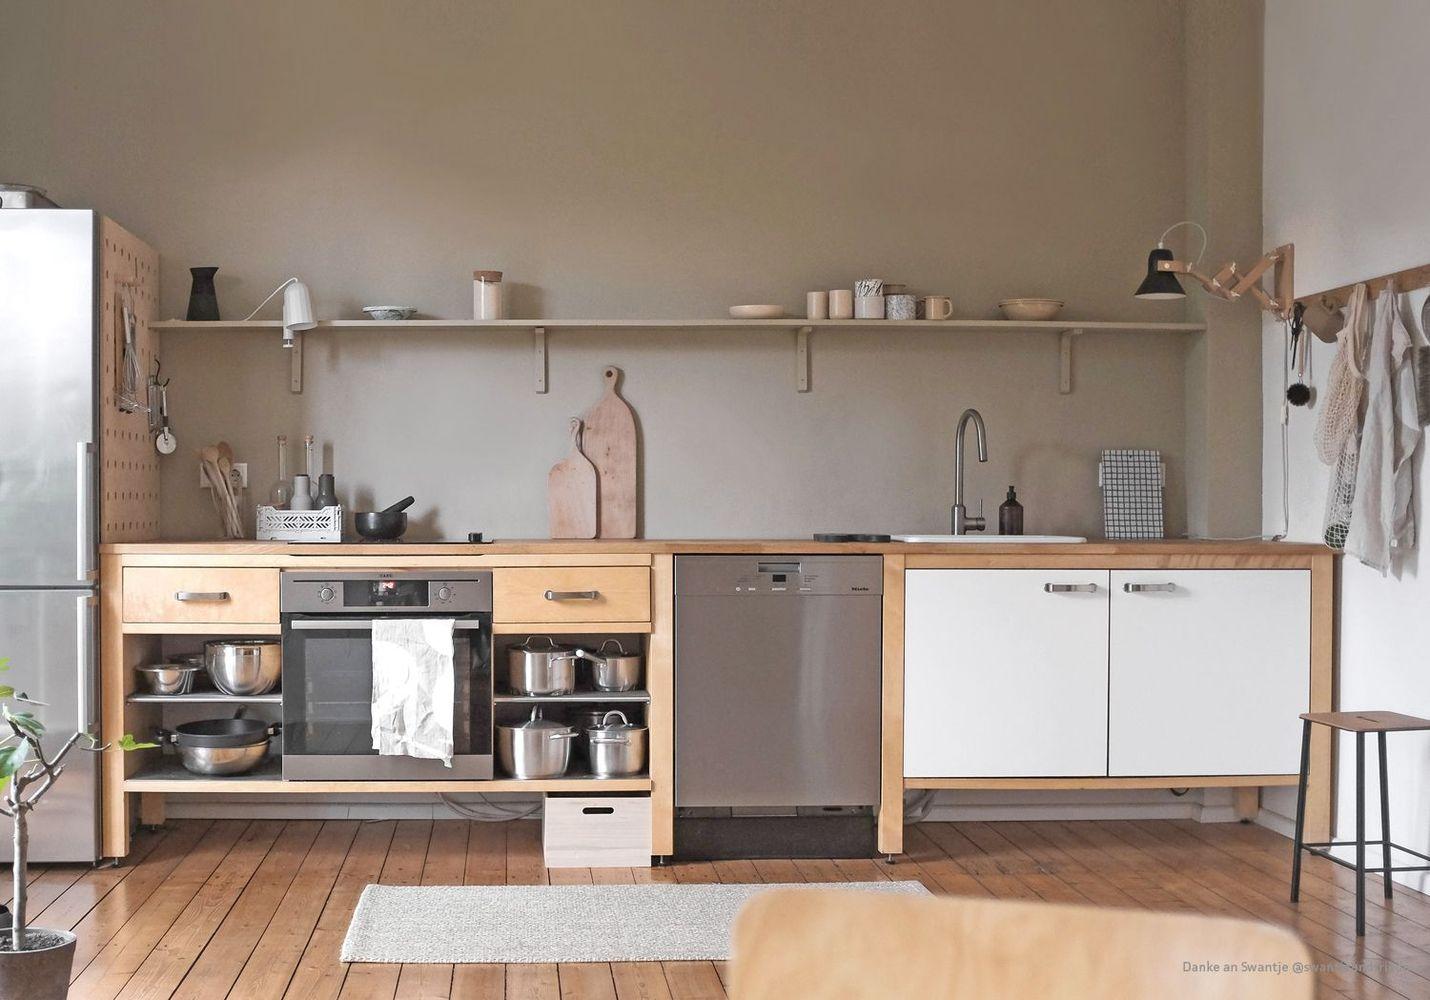 Full Size of Kchenrckwand Welche Farbe Küchen Regal Sofa Alternatives Wohnzimmer Alternative Küchen